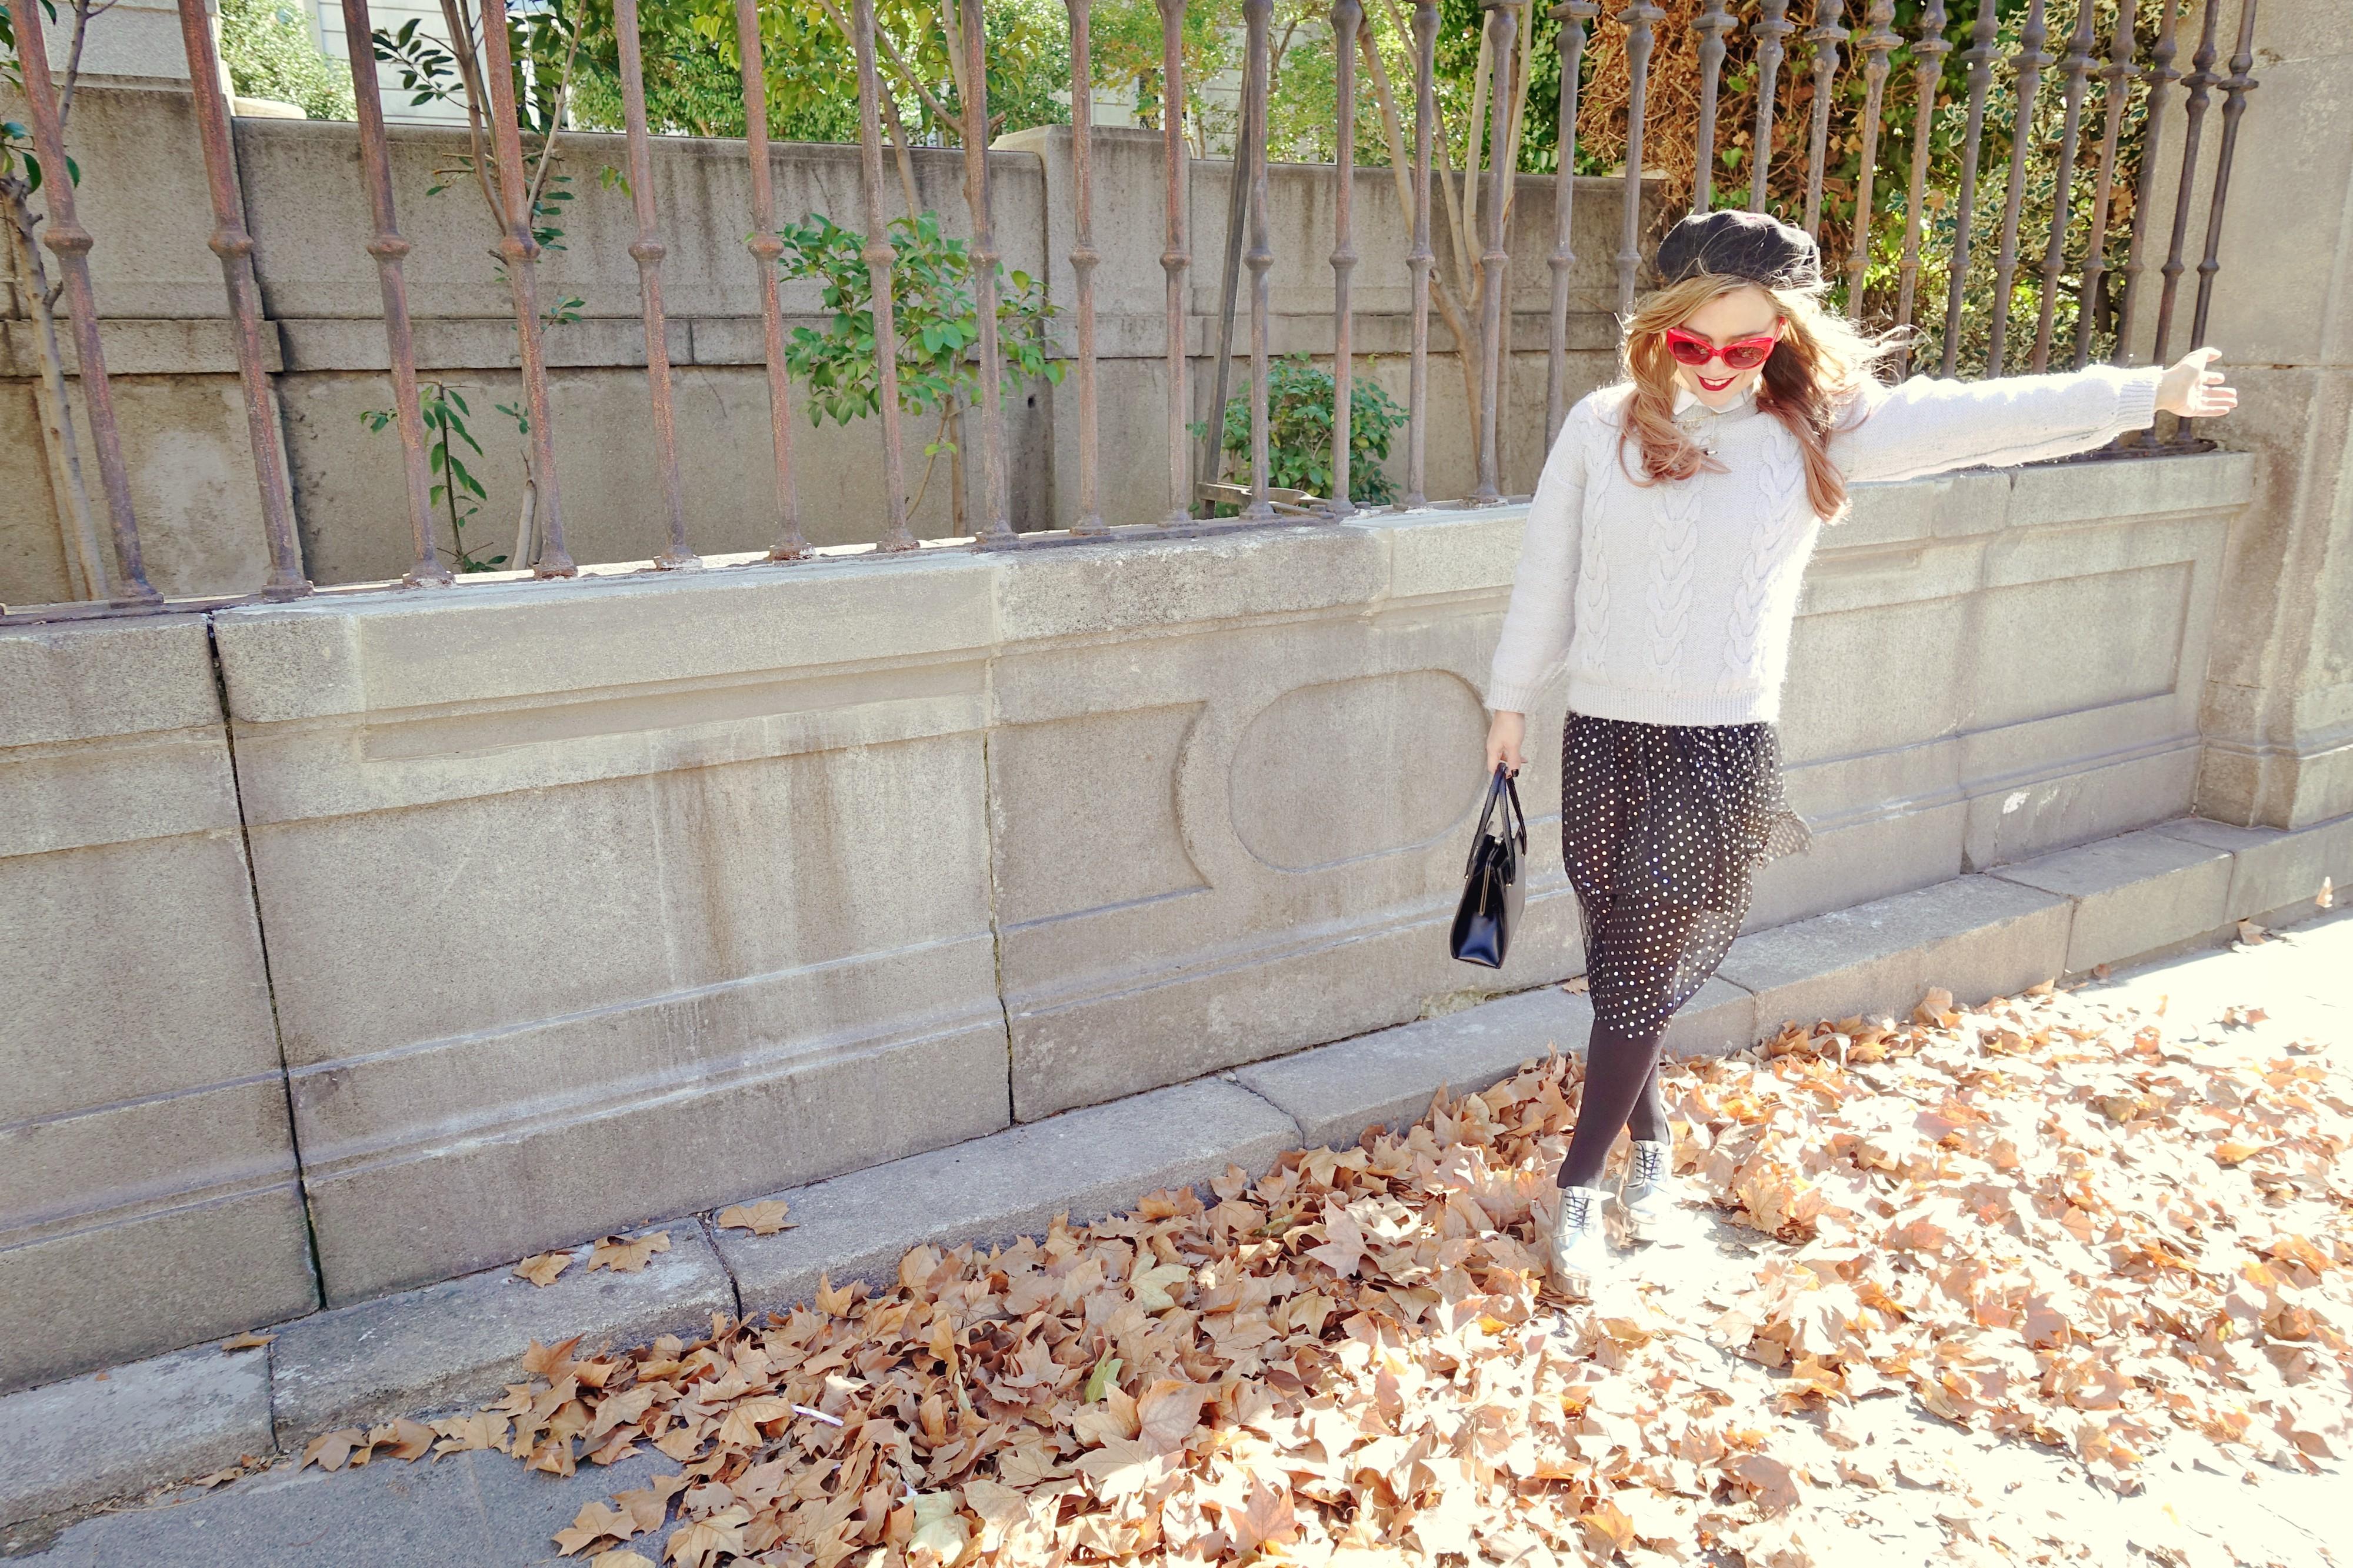 Vestido-de-lunares-primark-blog-de-moda-ChicAdicta-fashionista-influencer-Madrid-Chic-Adicta-gafas-retro-accesorios-laliblue-PiensaenChic-Piensa-en-Chic